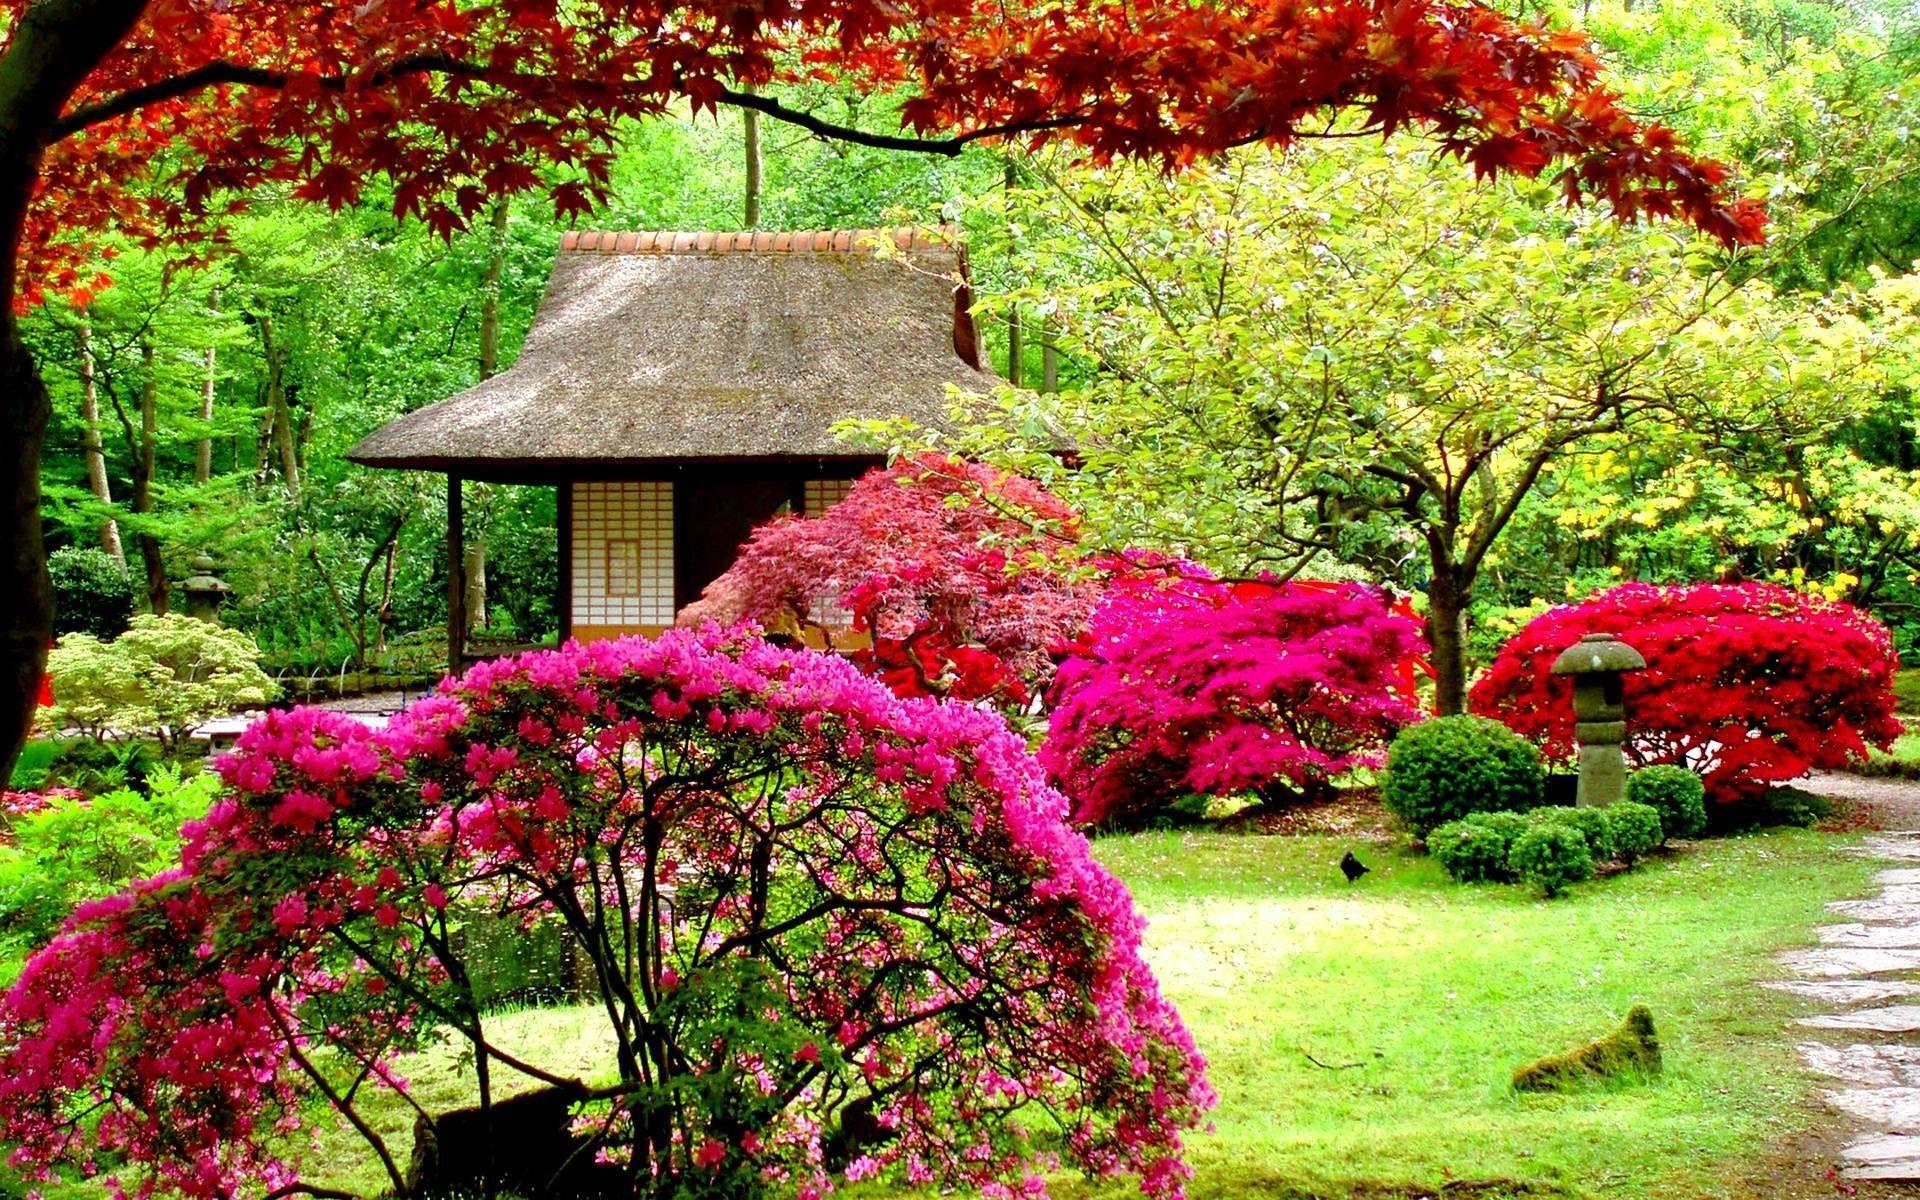 Hd Garden Wallpapers Top Free Hd Garden Backgrounds Wallpaperaccess